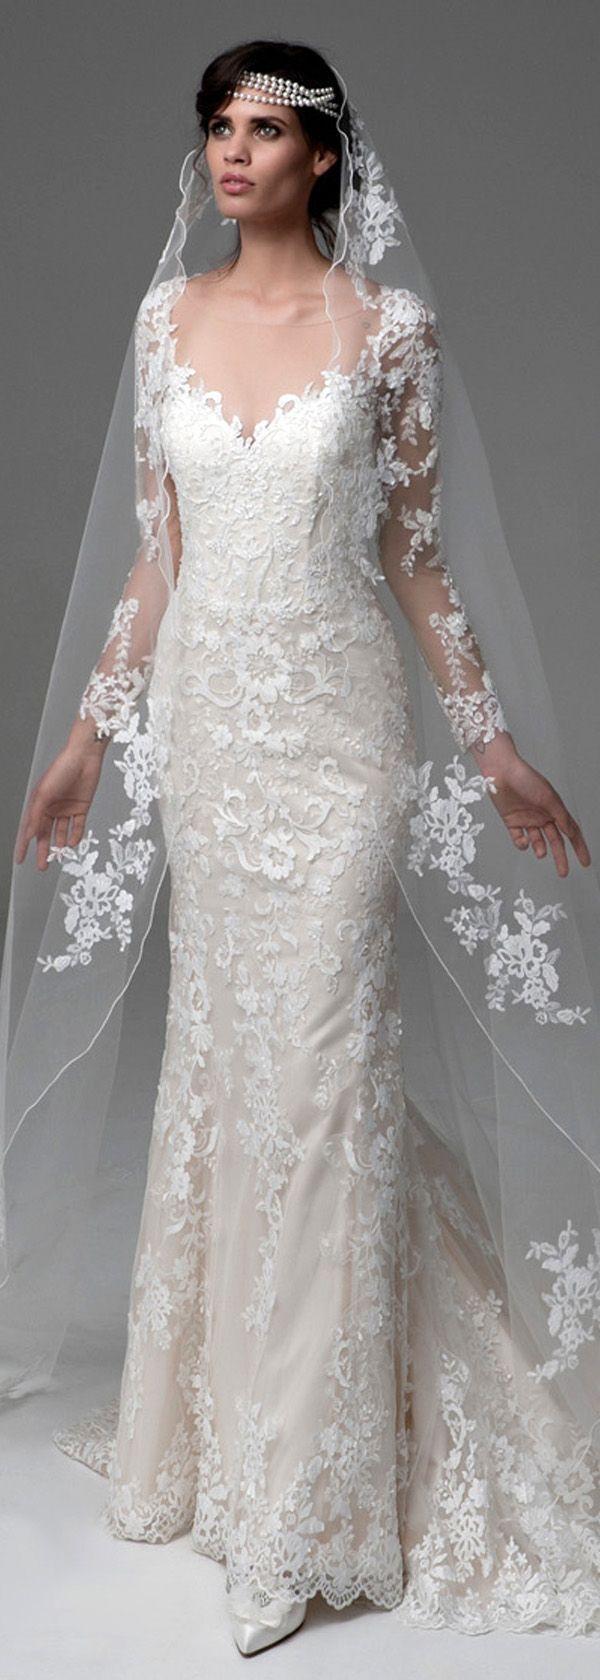 Hochzeit - Pretty Dresses